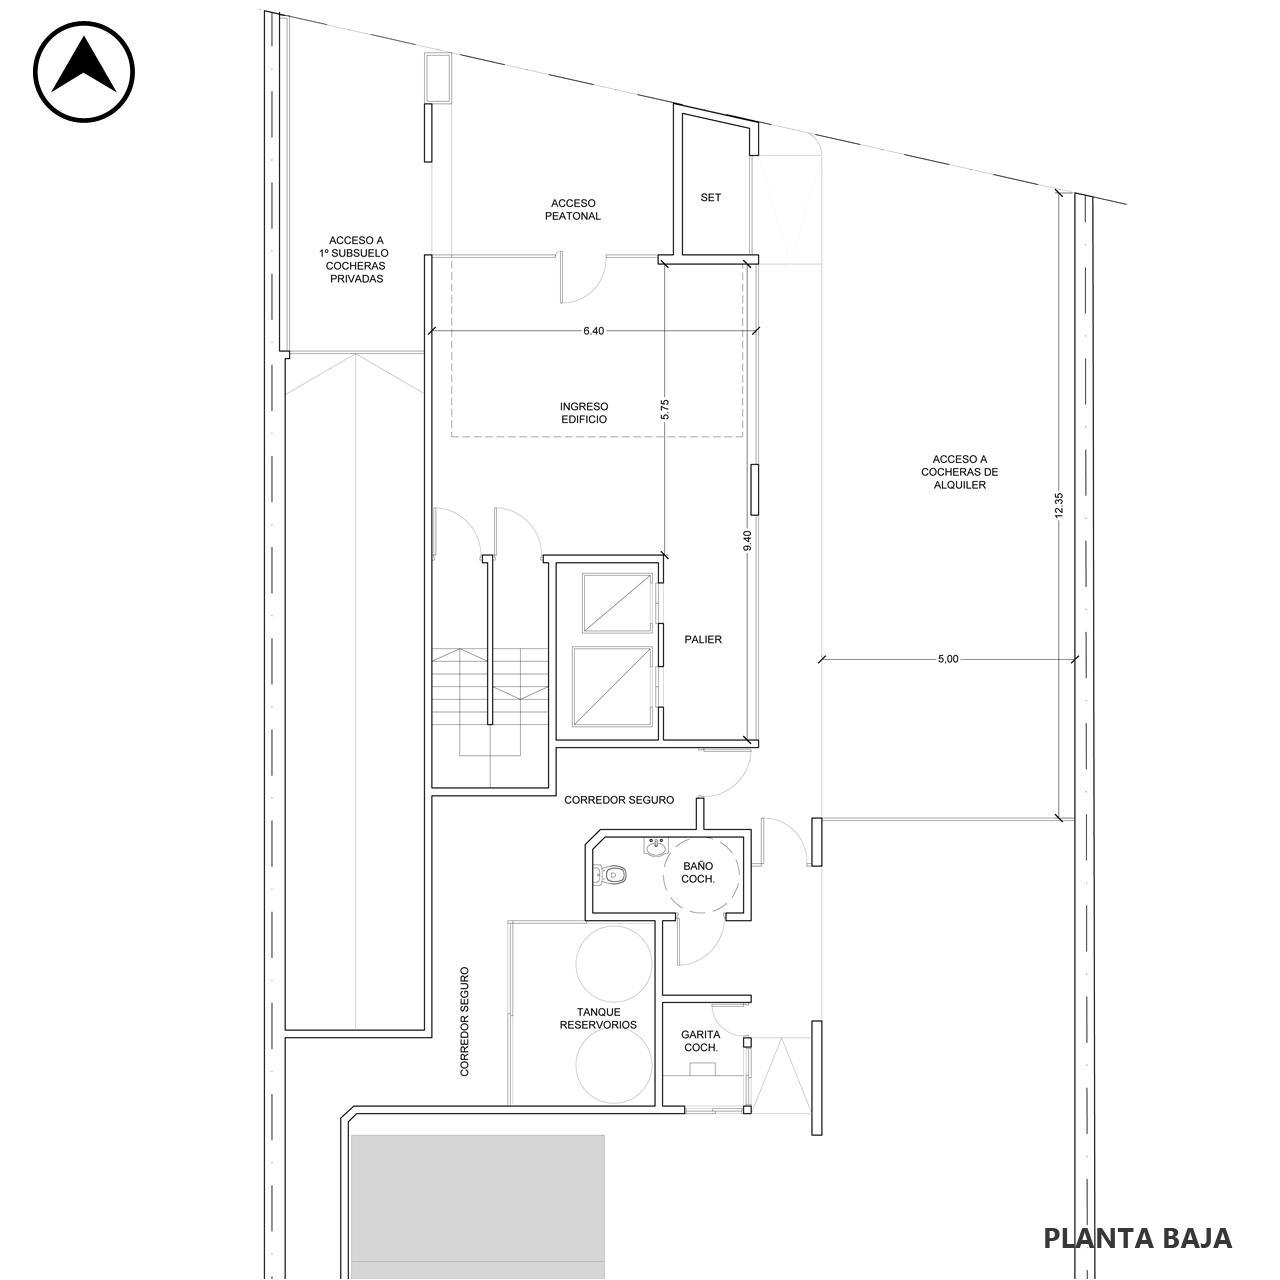 Venta departamento 2 dormitorios Rosario, Centro. Cod CBU11637 AP2292117. Crestale Propiedades